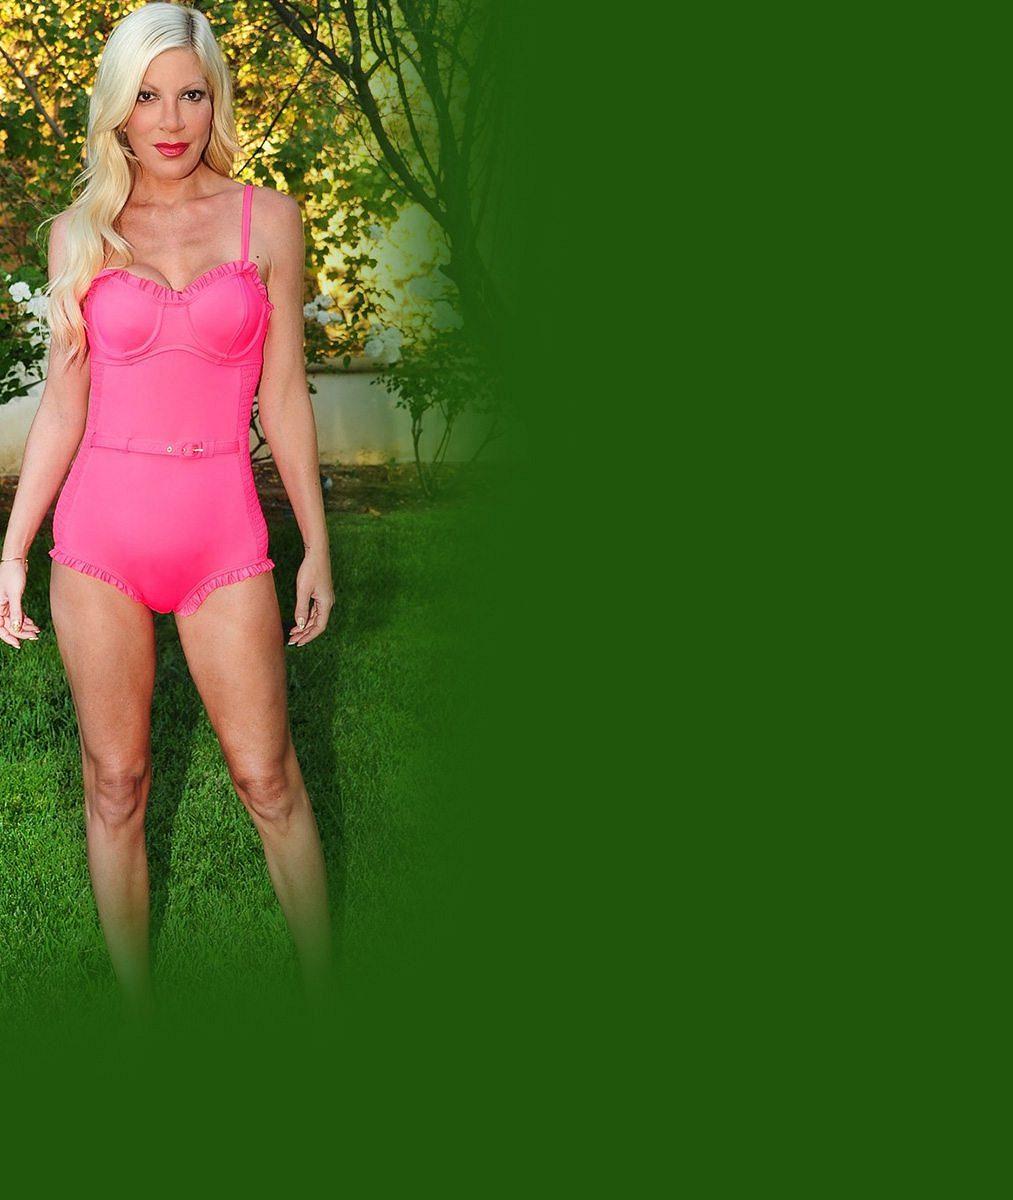 Tori Spelling ukázala hubenou postavu v růžových plavečkách. Pak přišly na řadu nůžky...